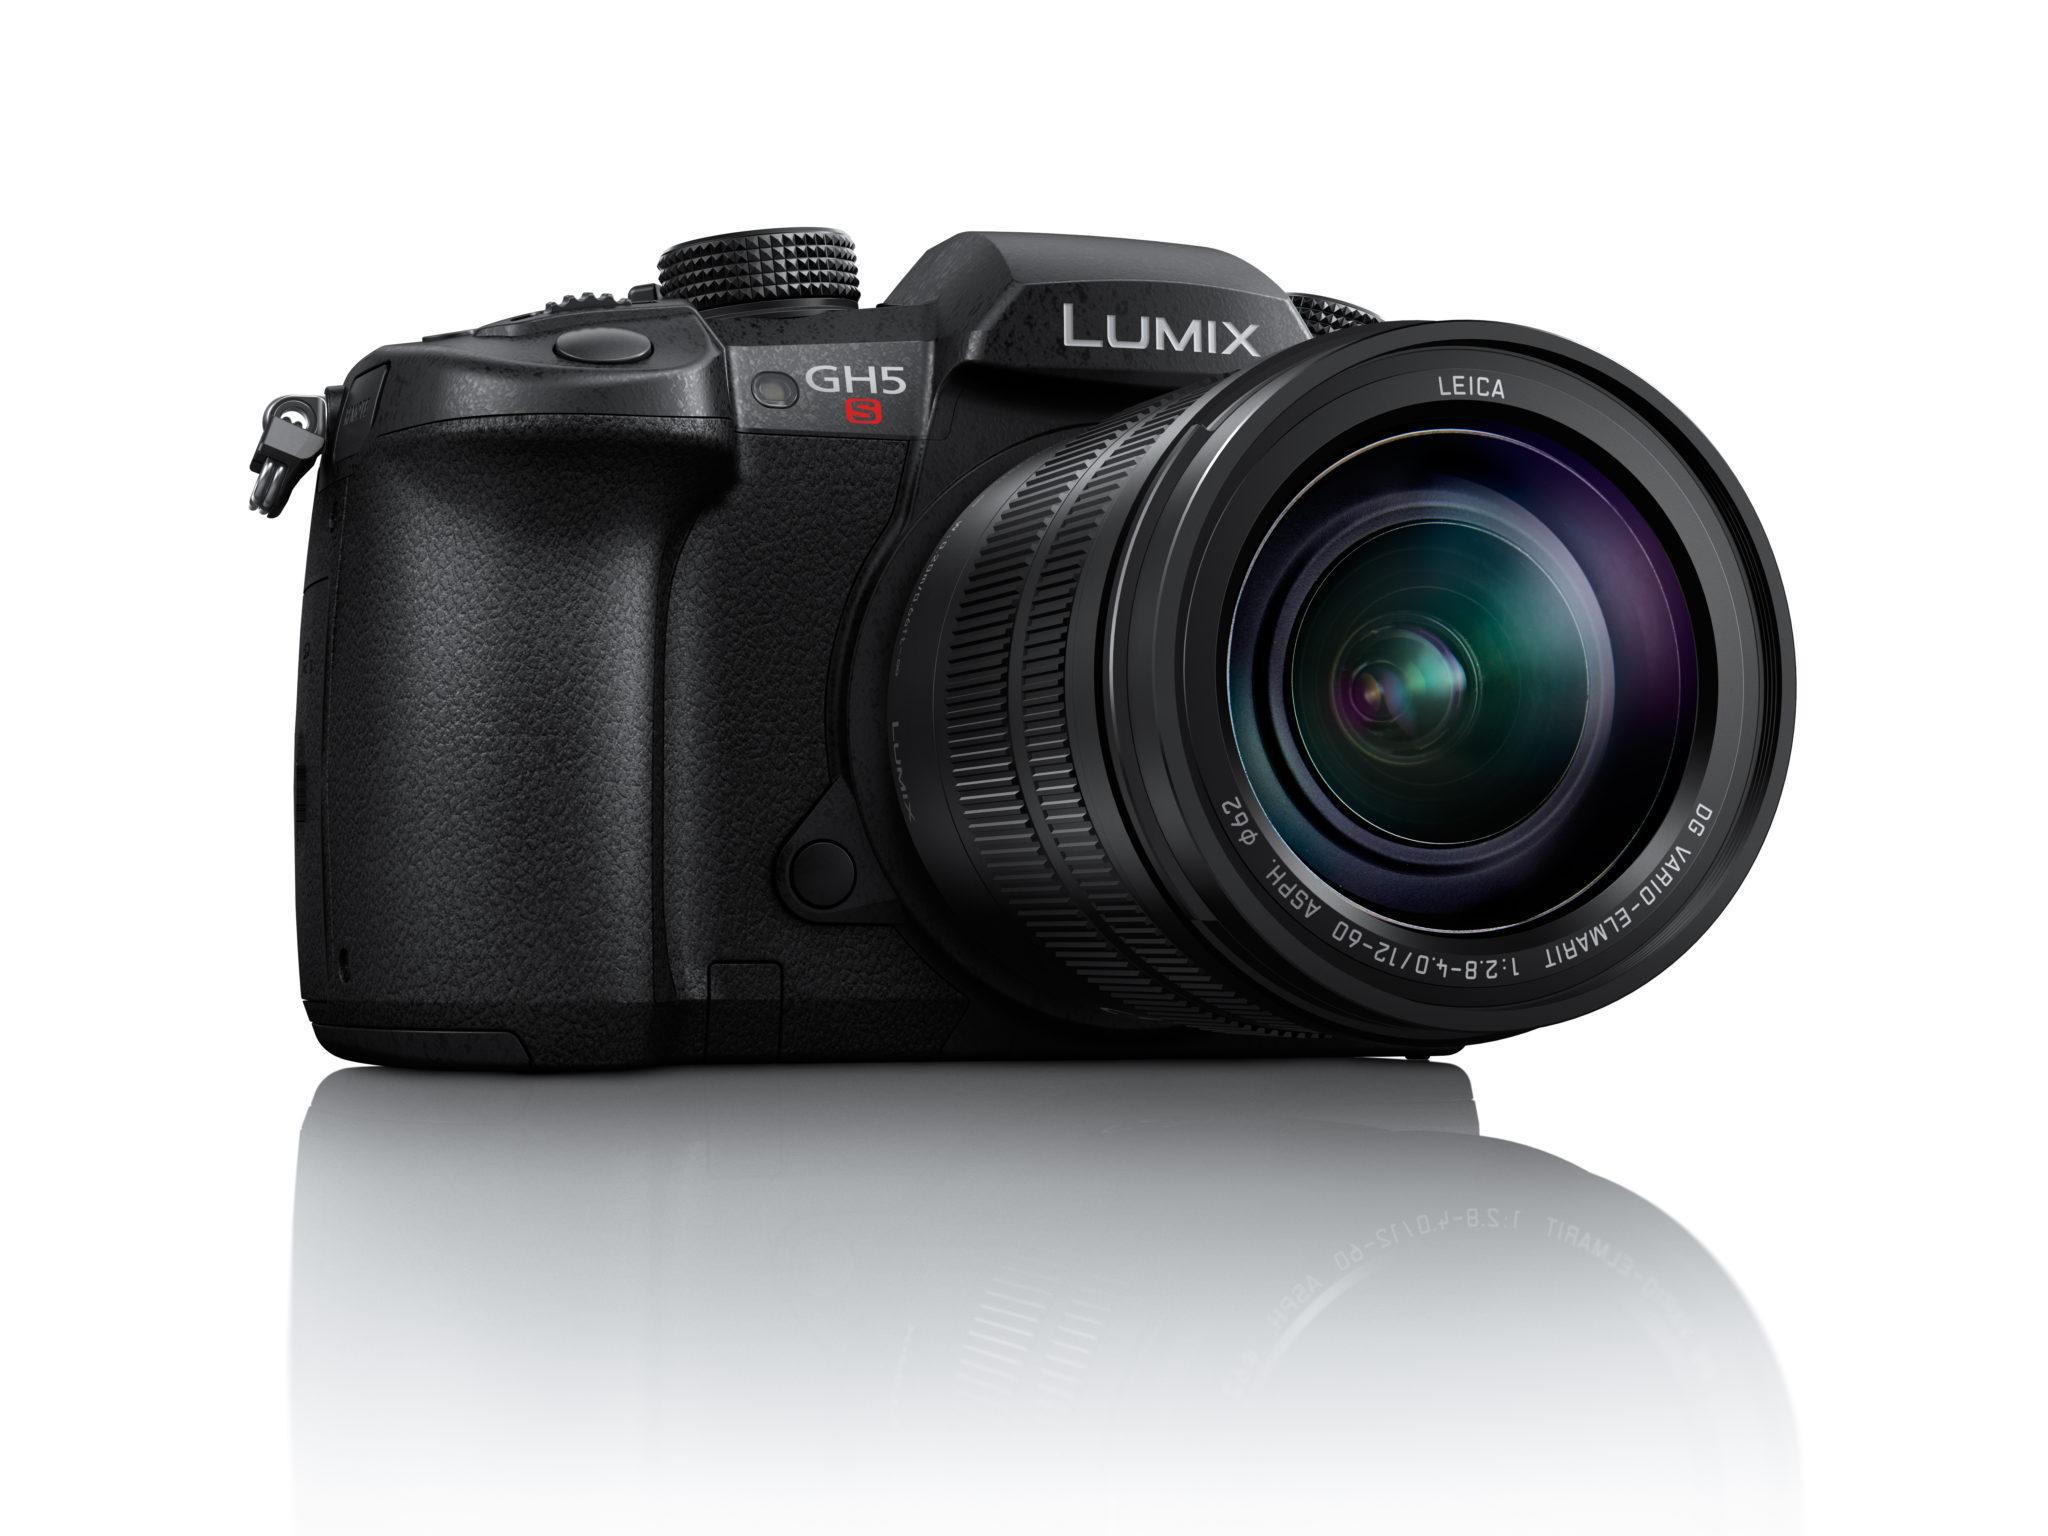 Panasonic LUMIX GH5S Mirrorless Camera